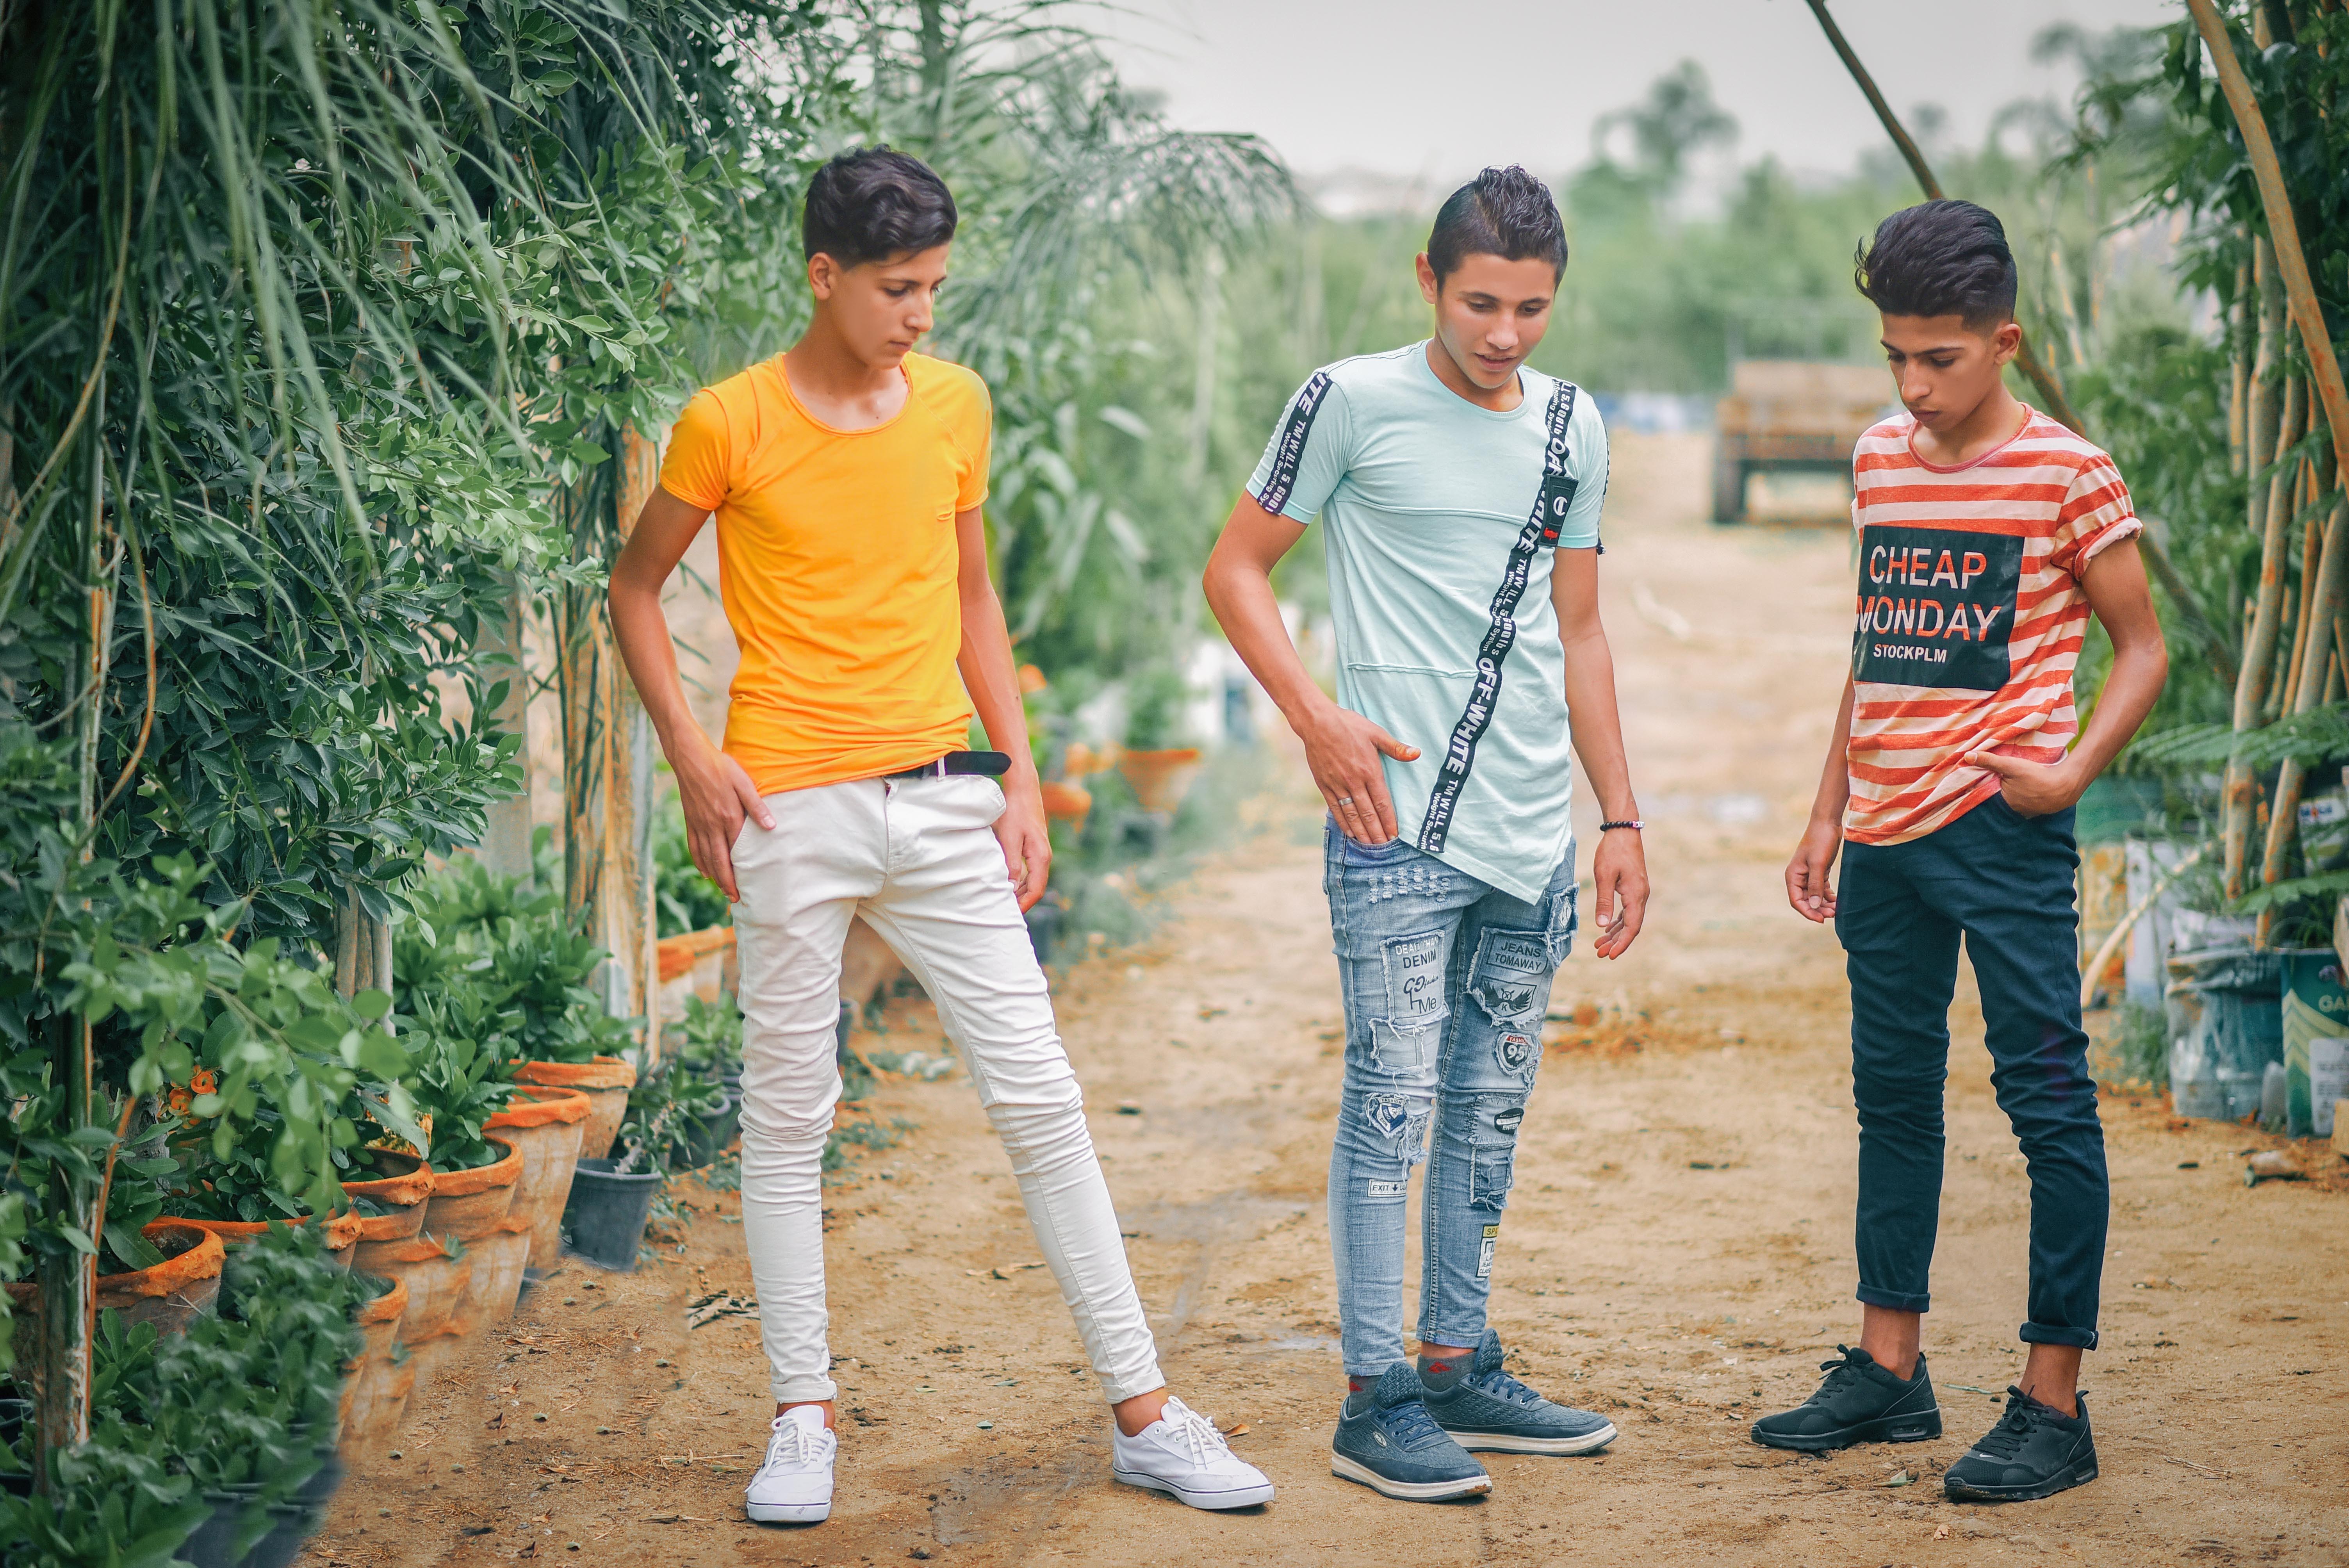 adolescent-boys-enjoyment-1197373